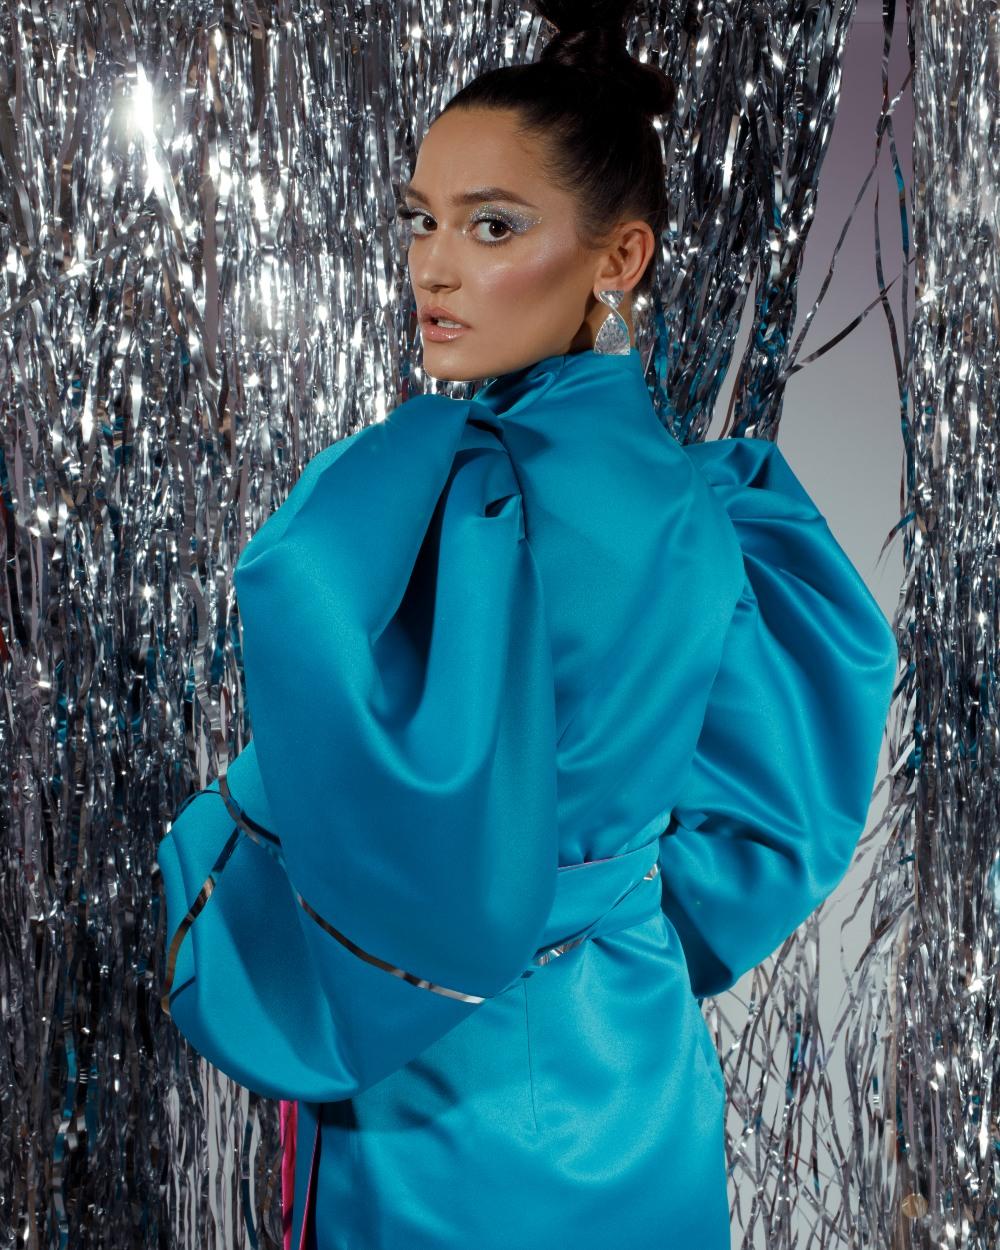 plava Party season is on: Najzabavnije haljine u kojima je dobar provod zagarantovan!